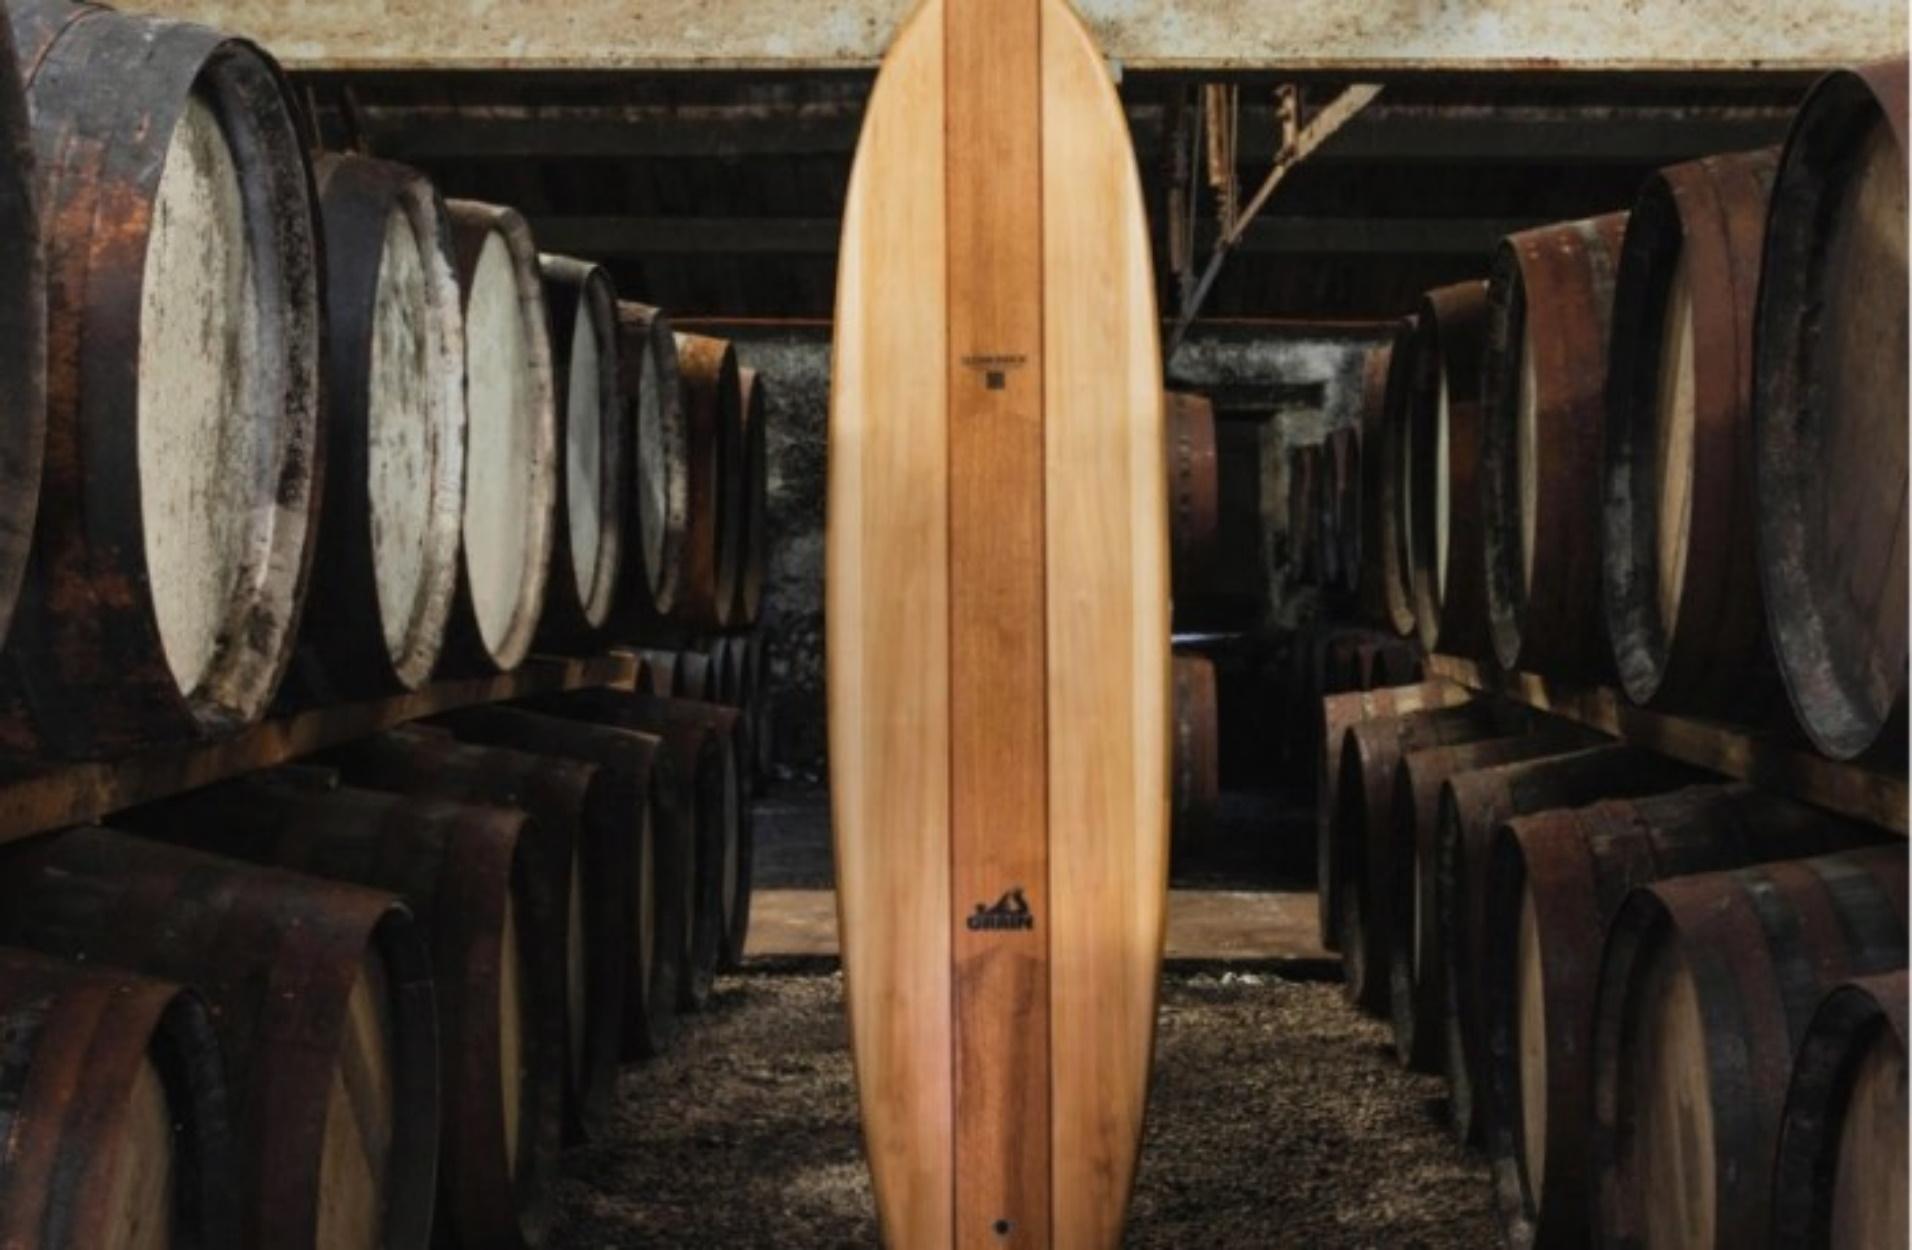 Σανίδες του surf κατασκευασμένες από βαρέλια σκωτσέζικου ουίσκι